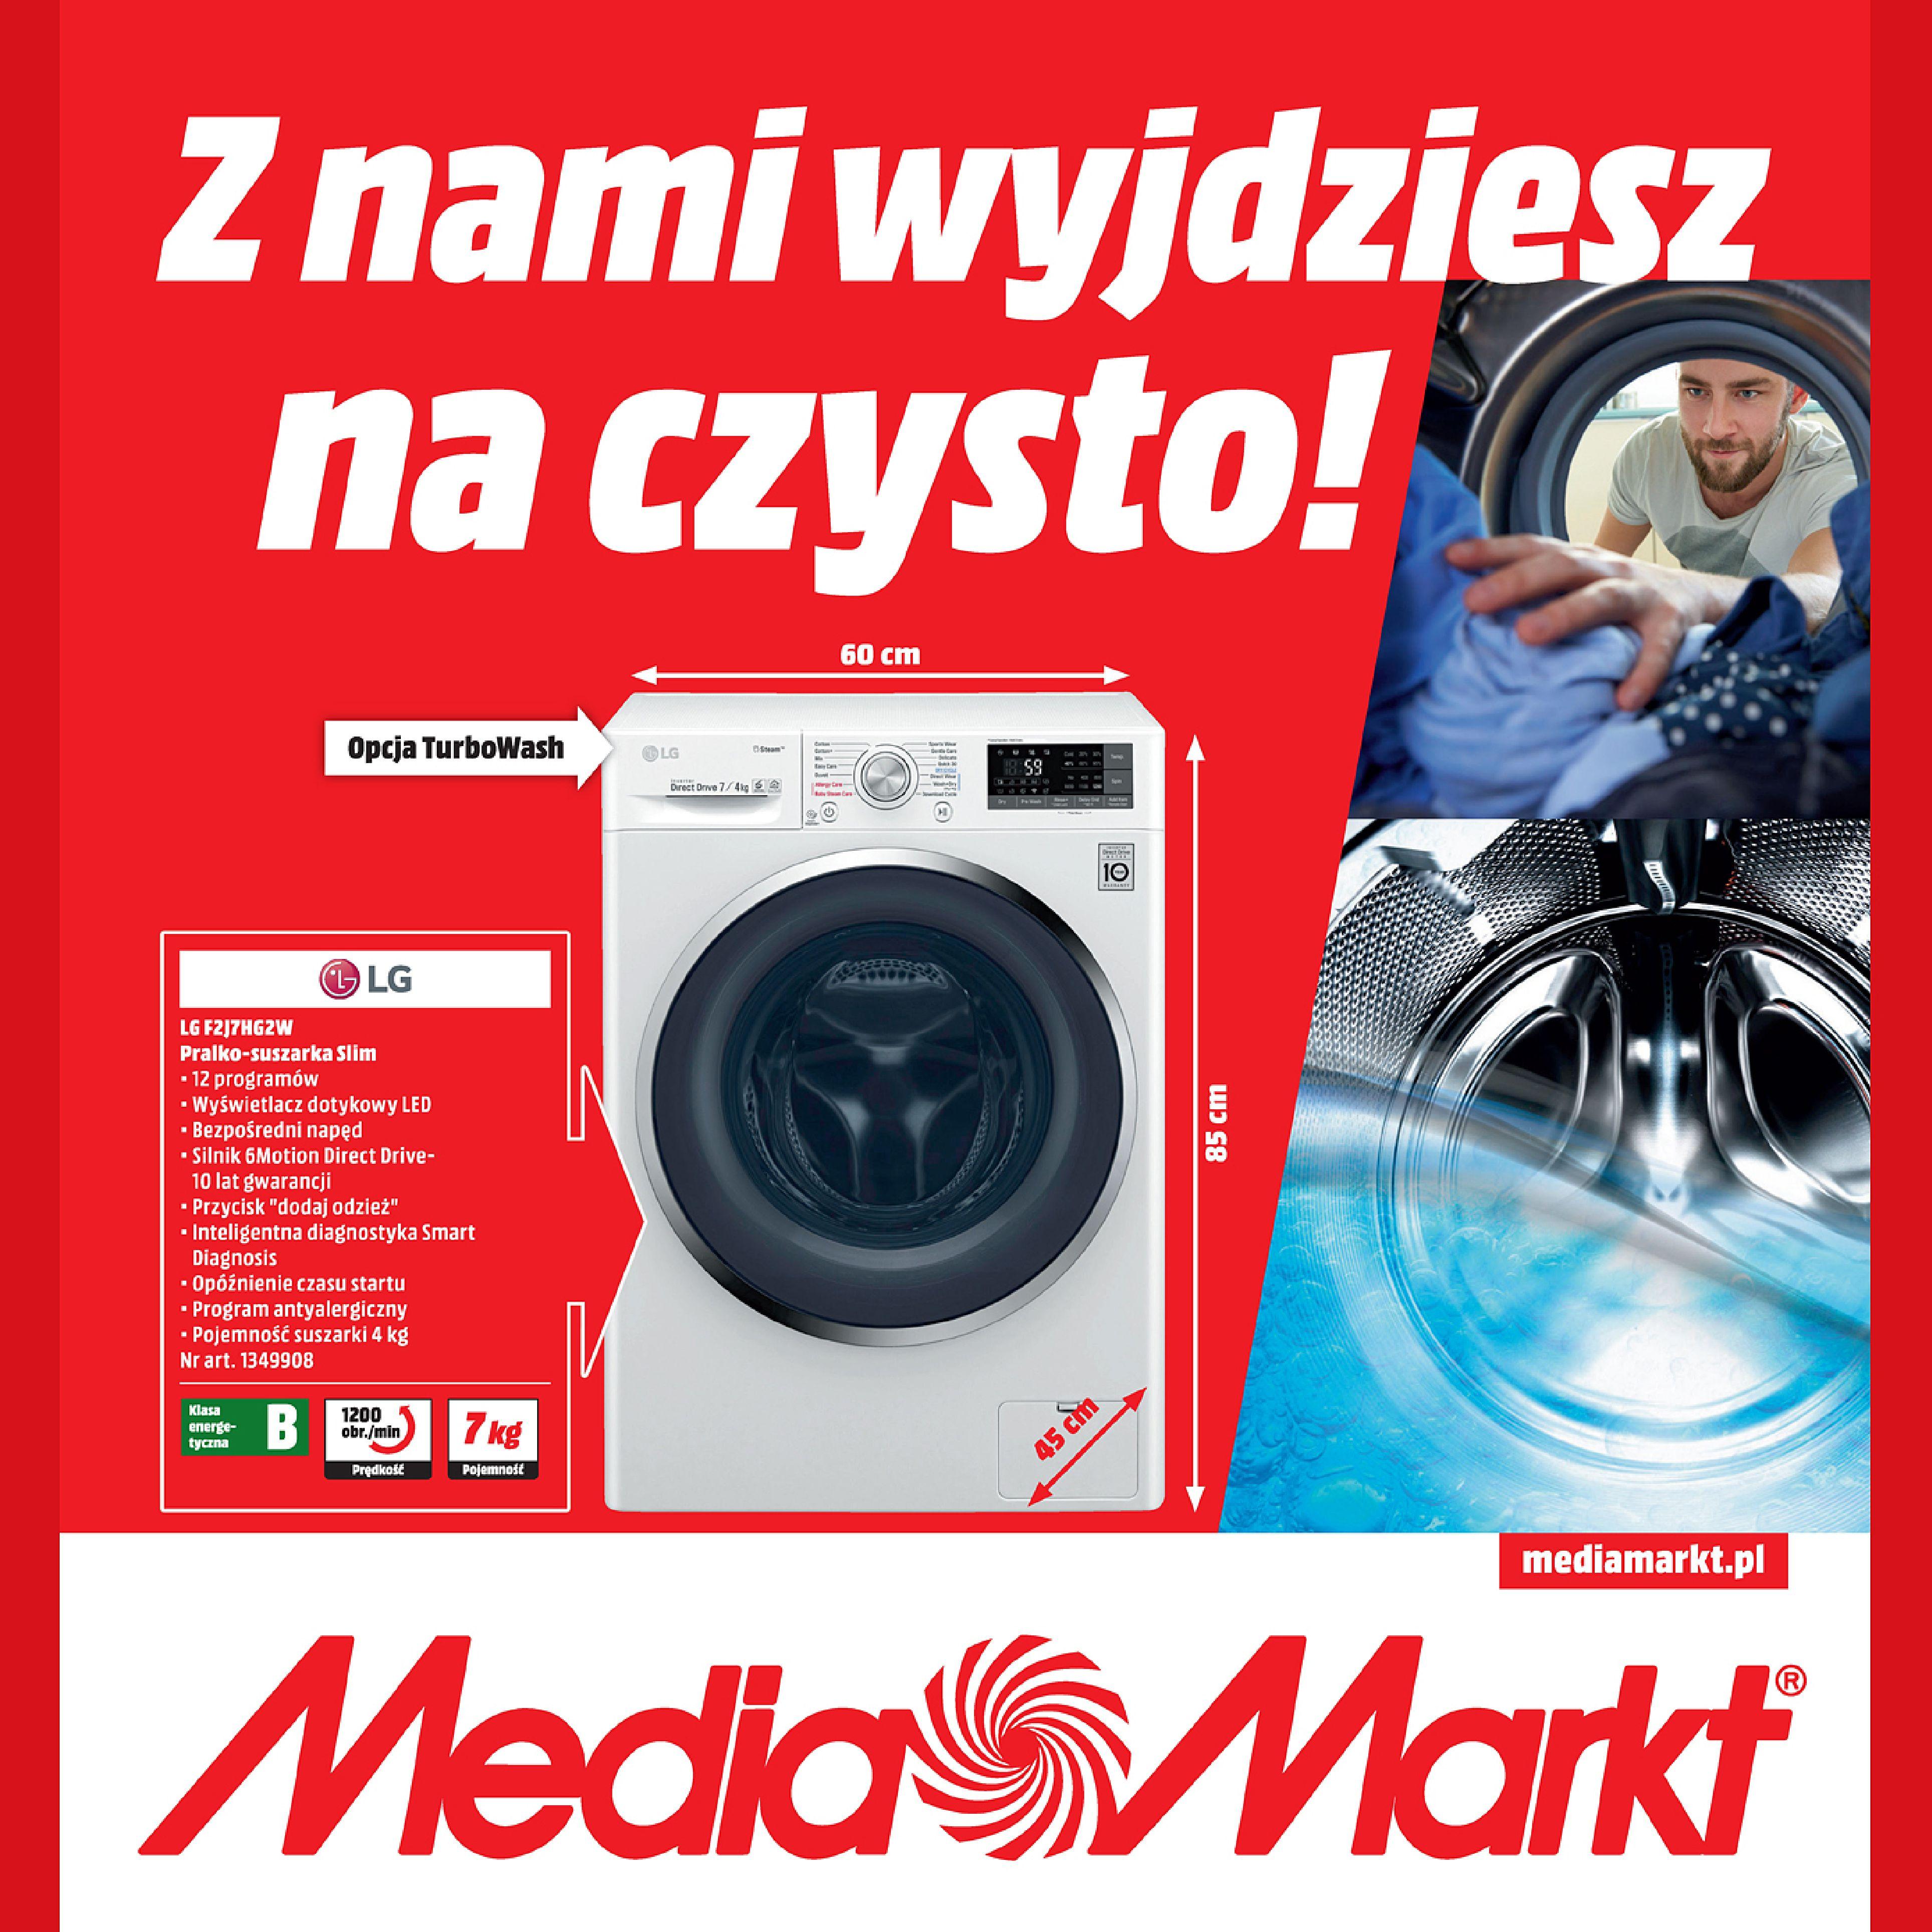 Gazetka Media Markt - Z nami wyjdziesz na czysto!-30.09.2018-30.11.2018-page-